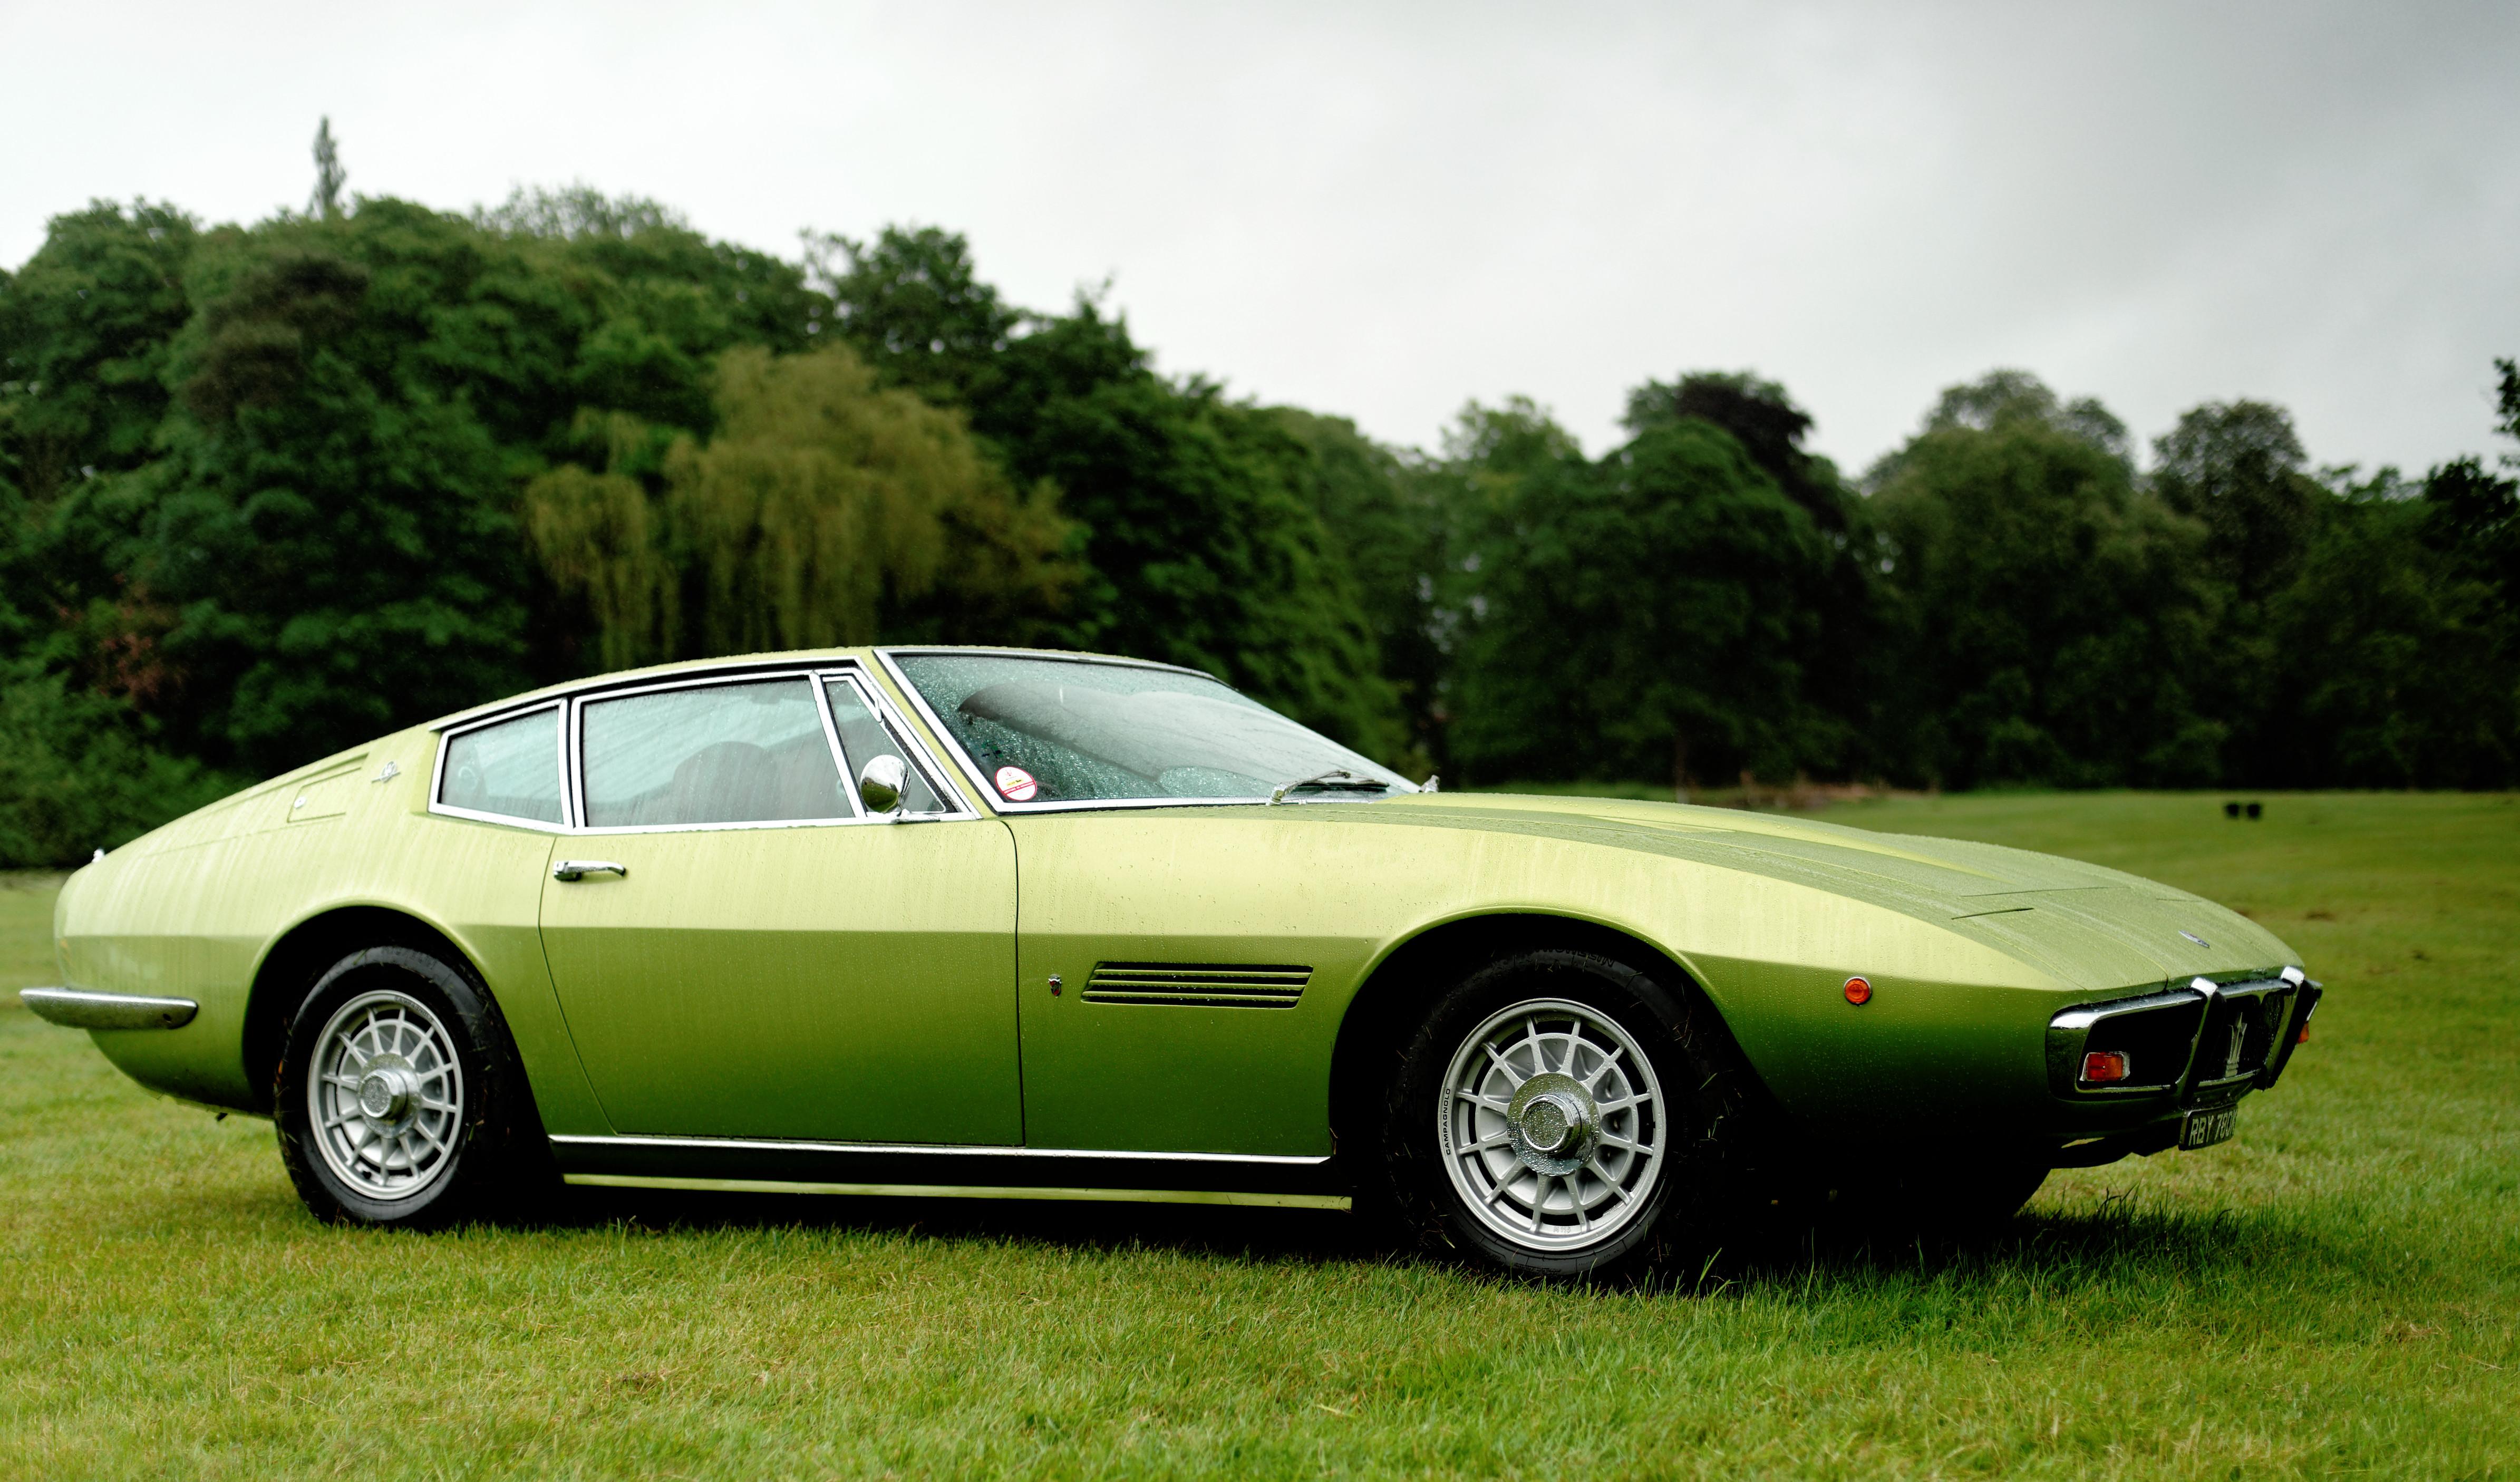 File Maserati Ghibli Green Jpg Wikimedia Commons